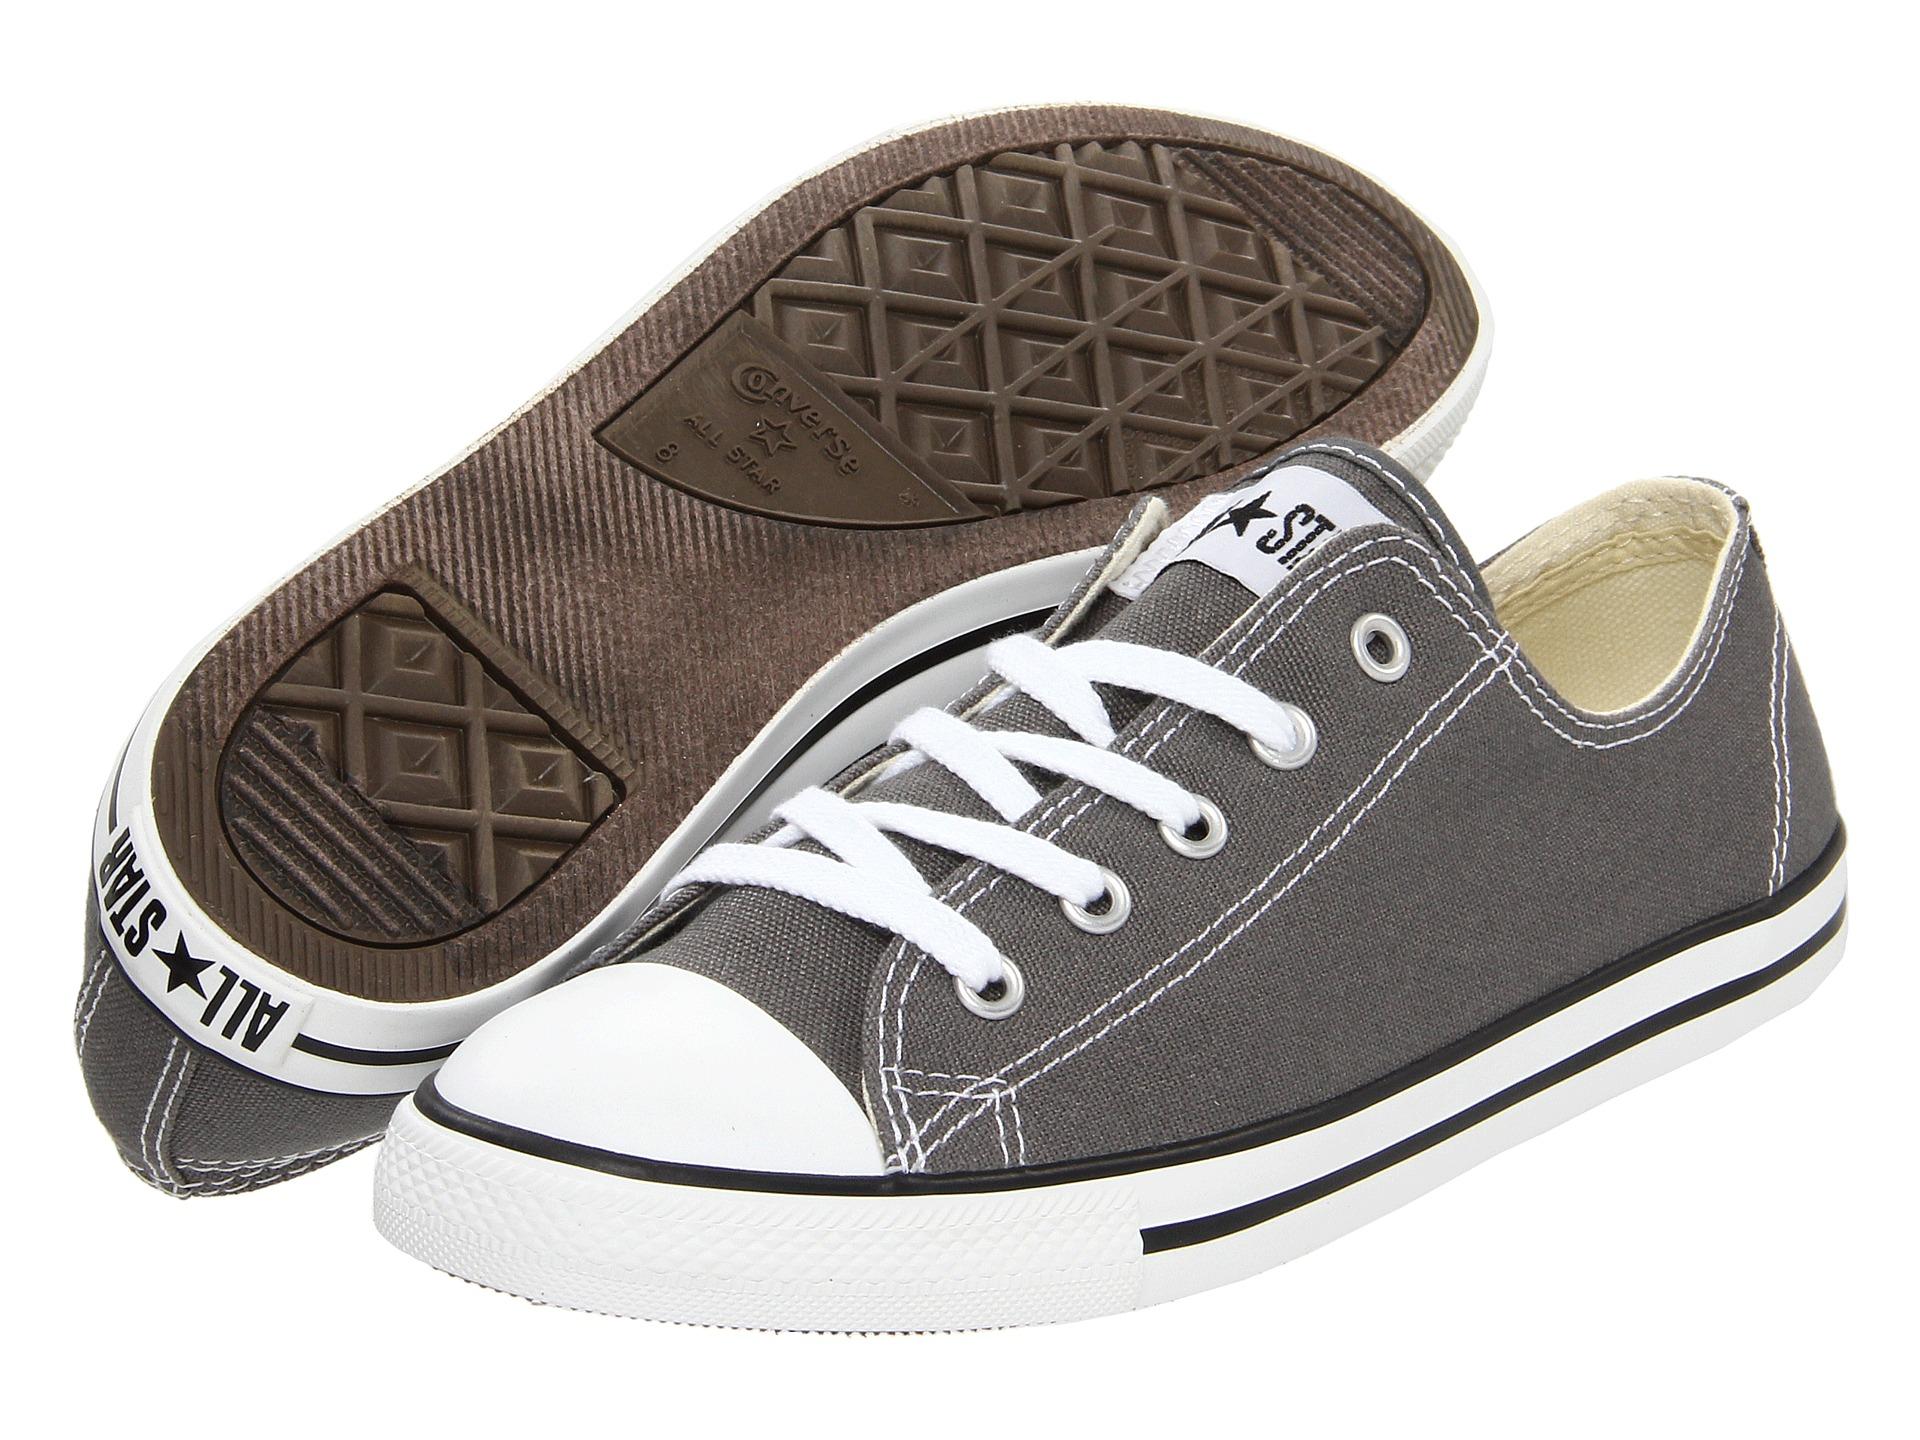 Dual Shoe Converse